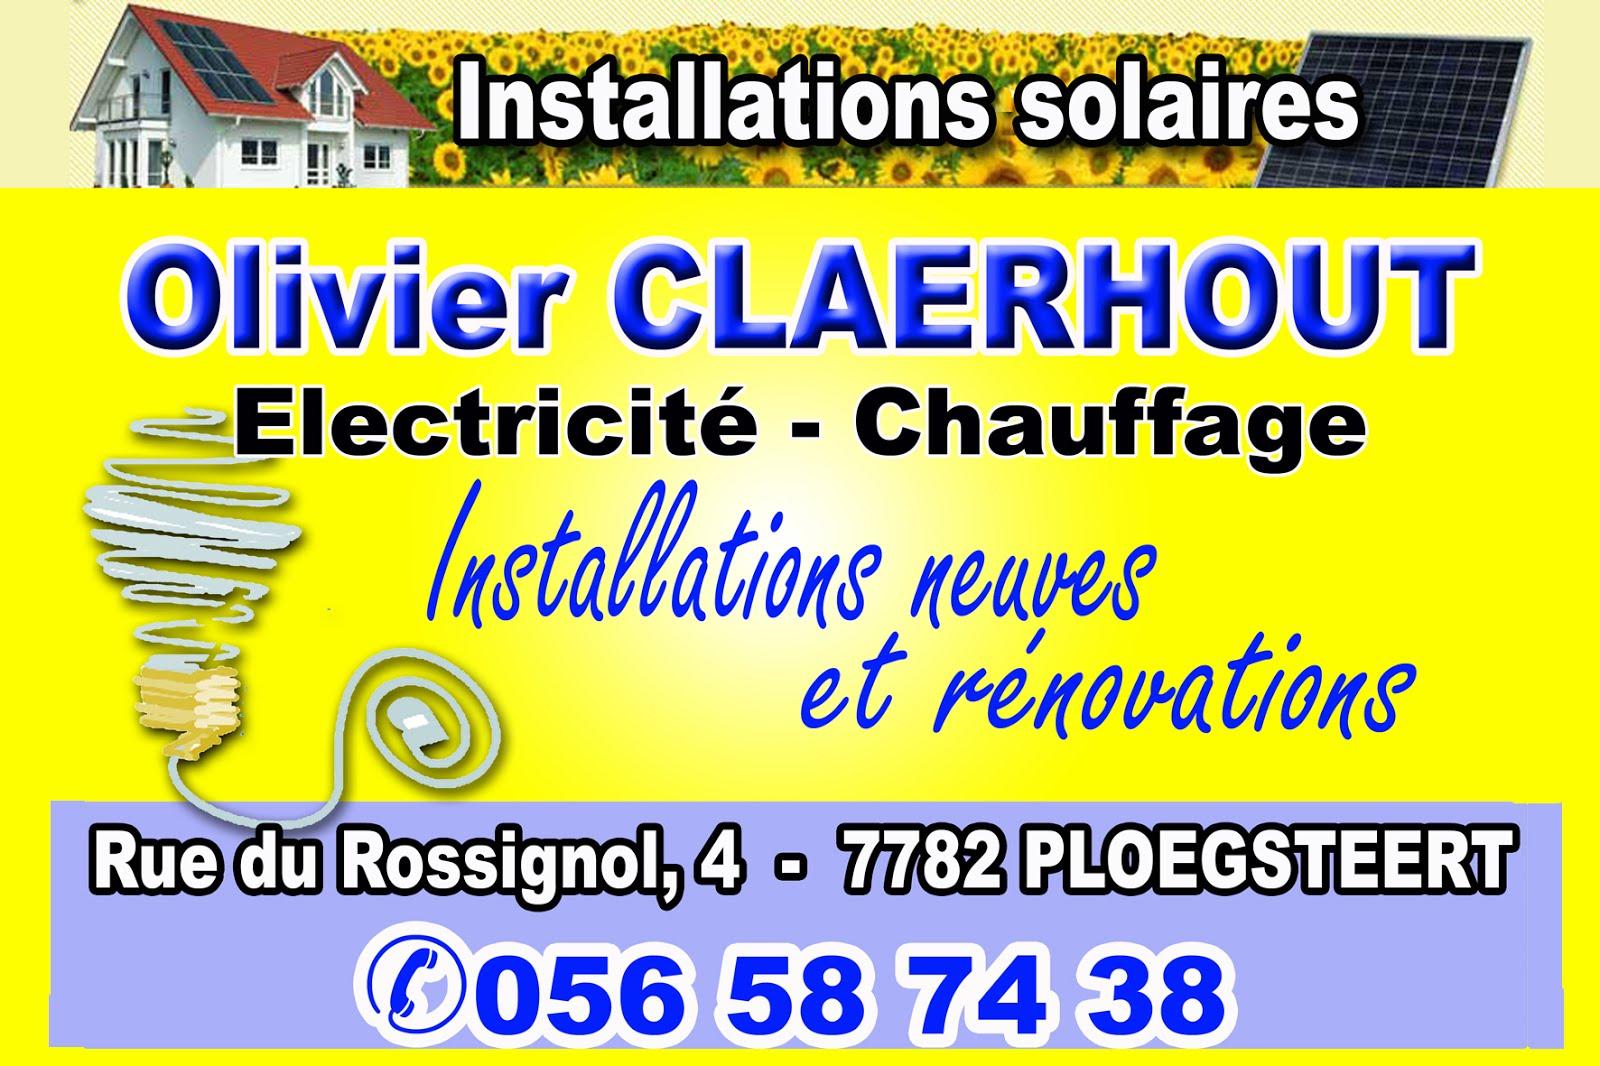 OLIVIER CLAERHOUT